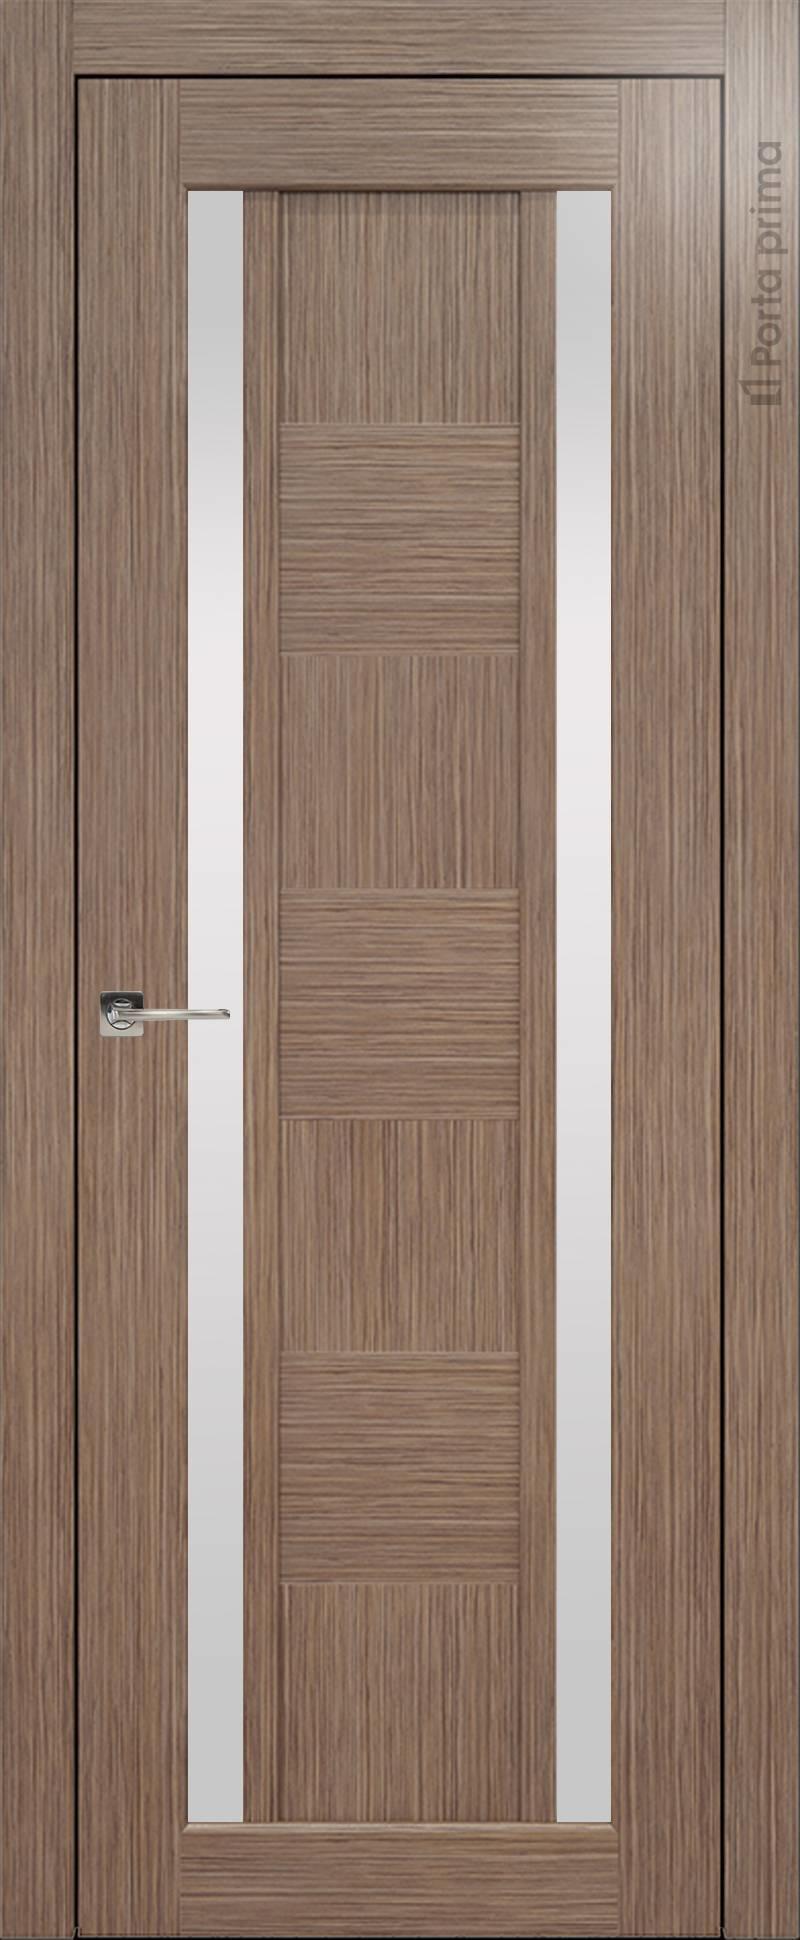 Palazzo цвет - Орех Без стекла (ДГ)